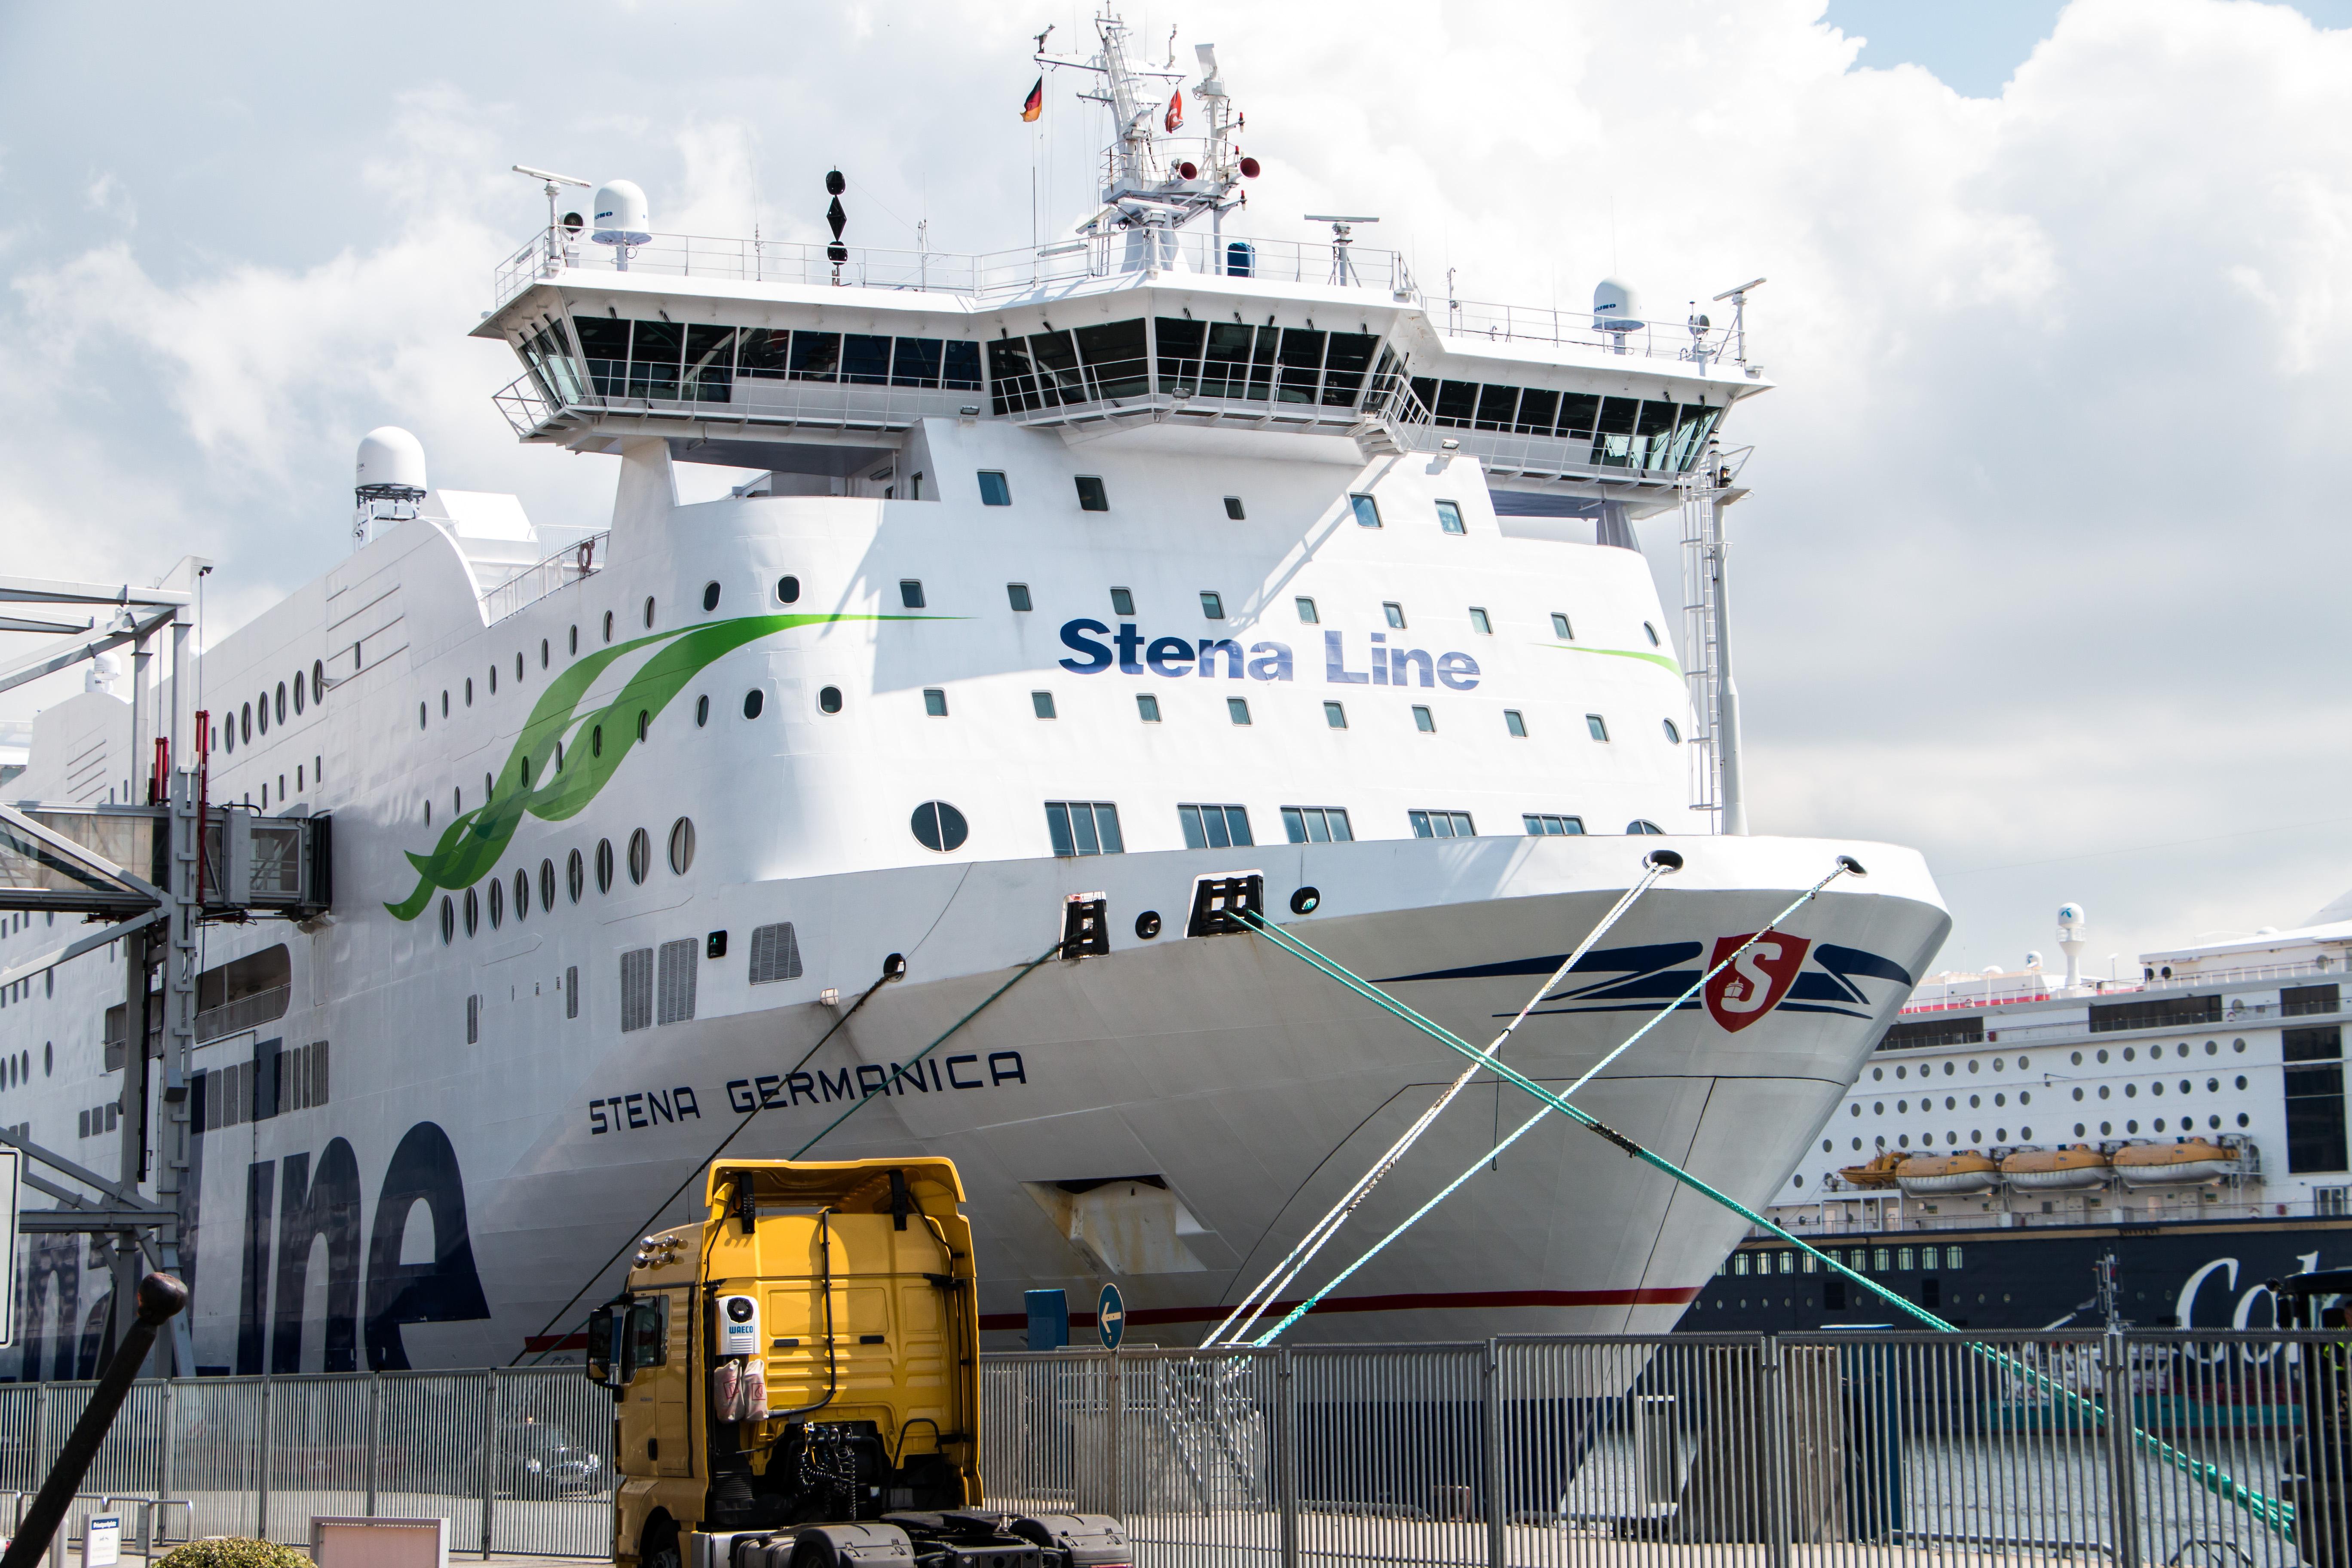 Roro Ropax Ship, Energy, Green, Kiel, Line, HQ Photo